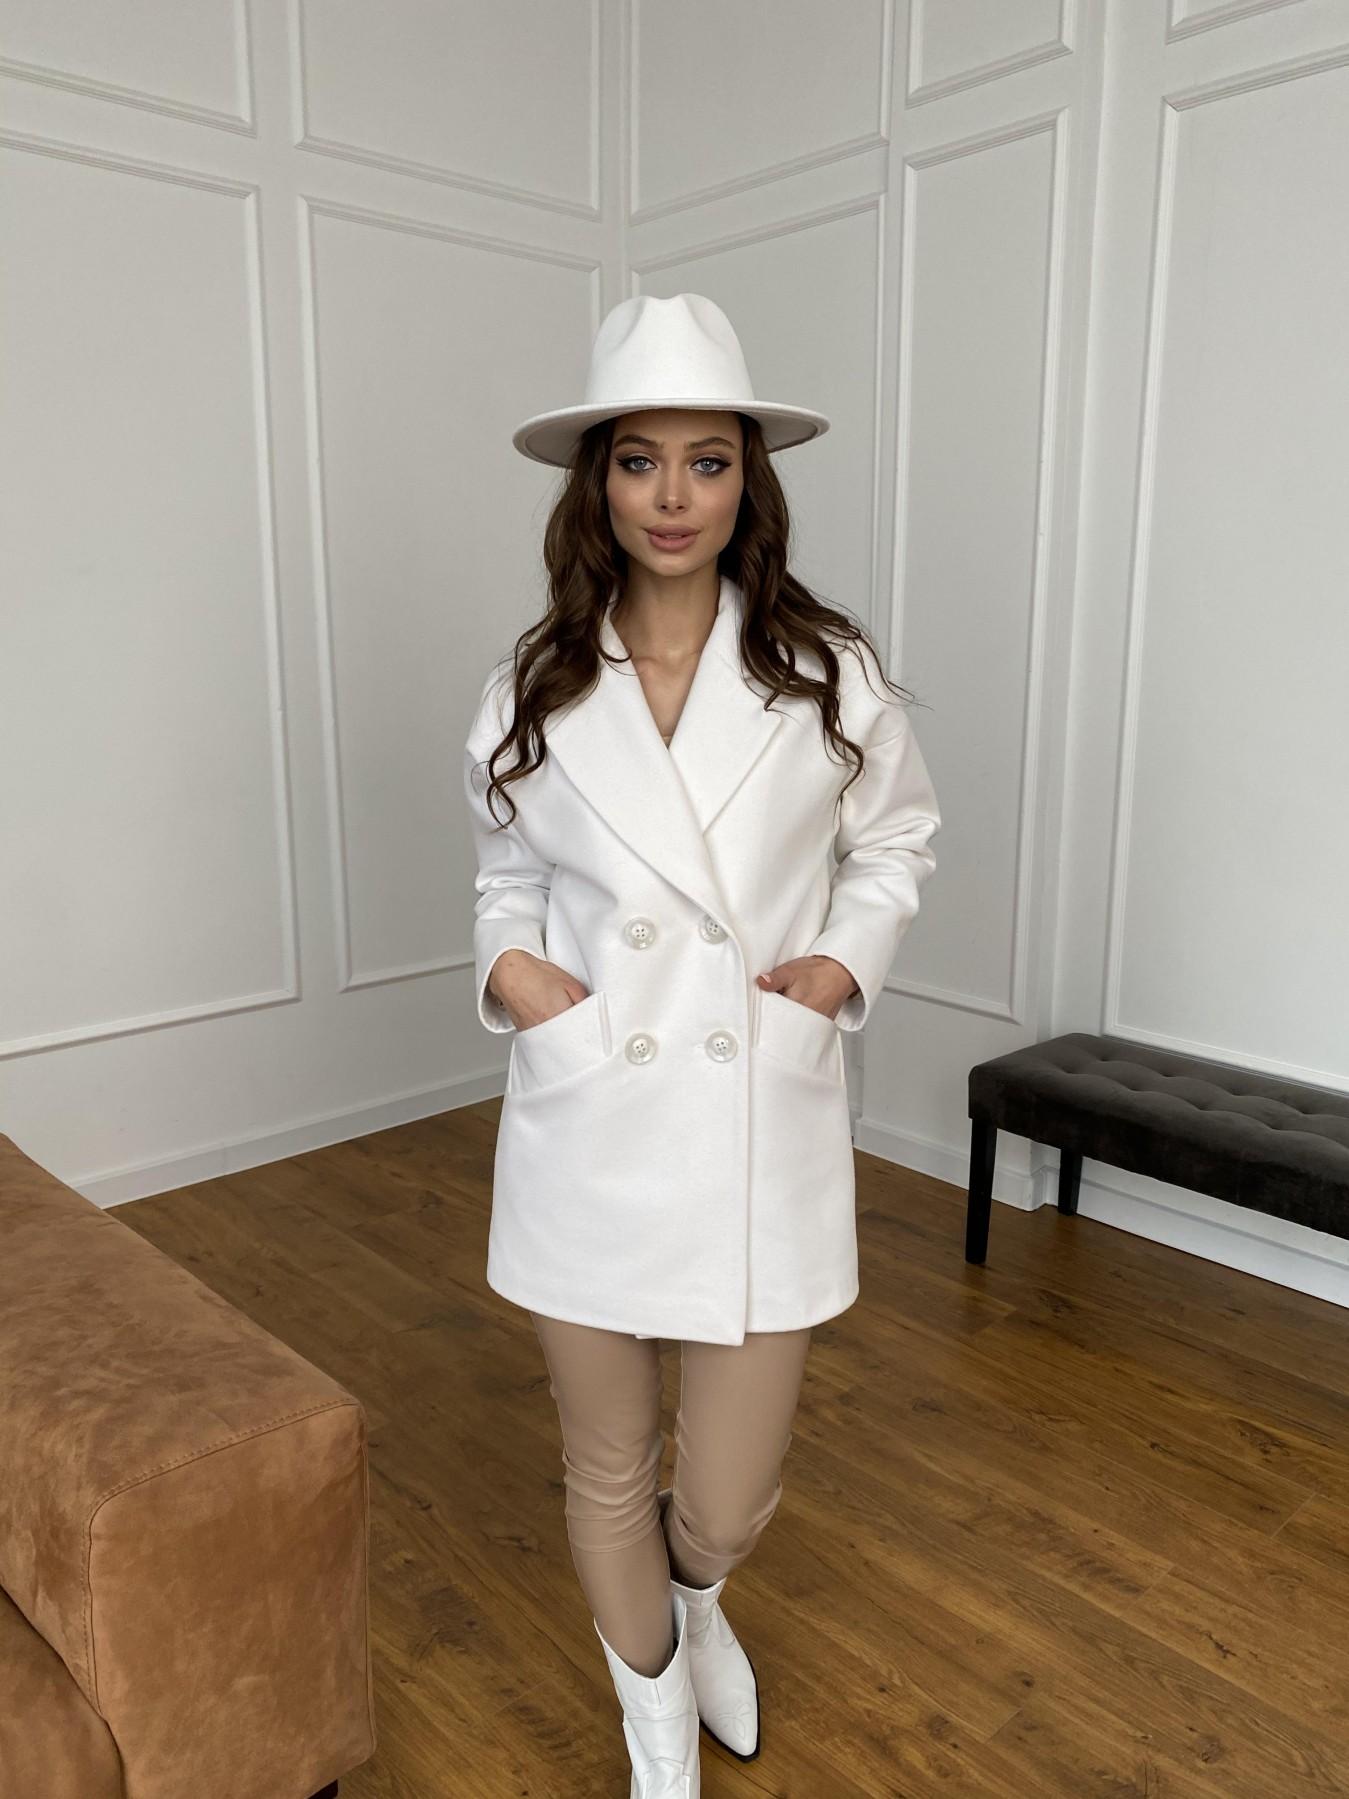 Бонд пальто из кашемира 10646 АРТ. 47495 Цвет: Молоко 1 - фото 1, интернет магазин tm-modus.ru